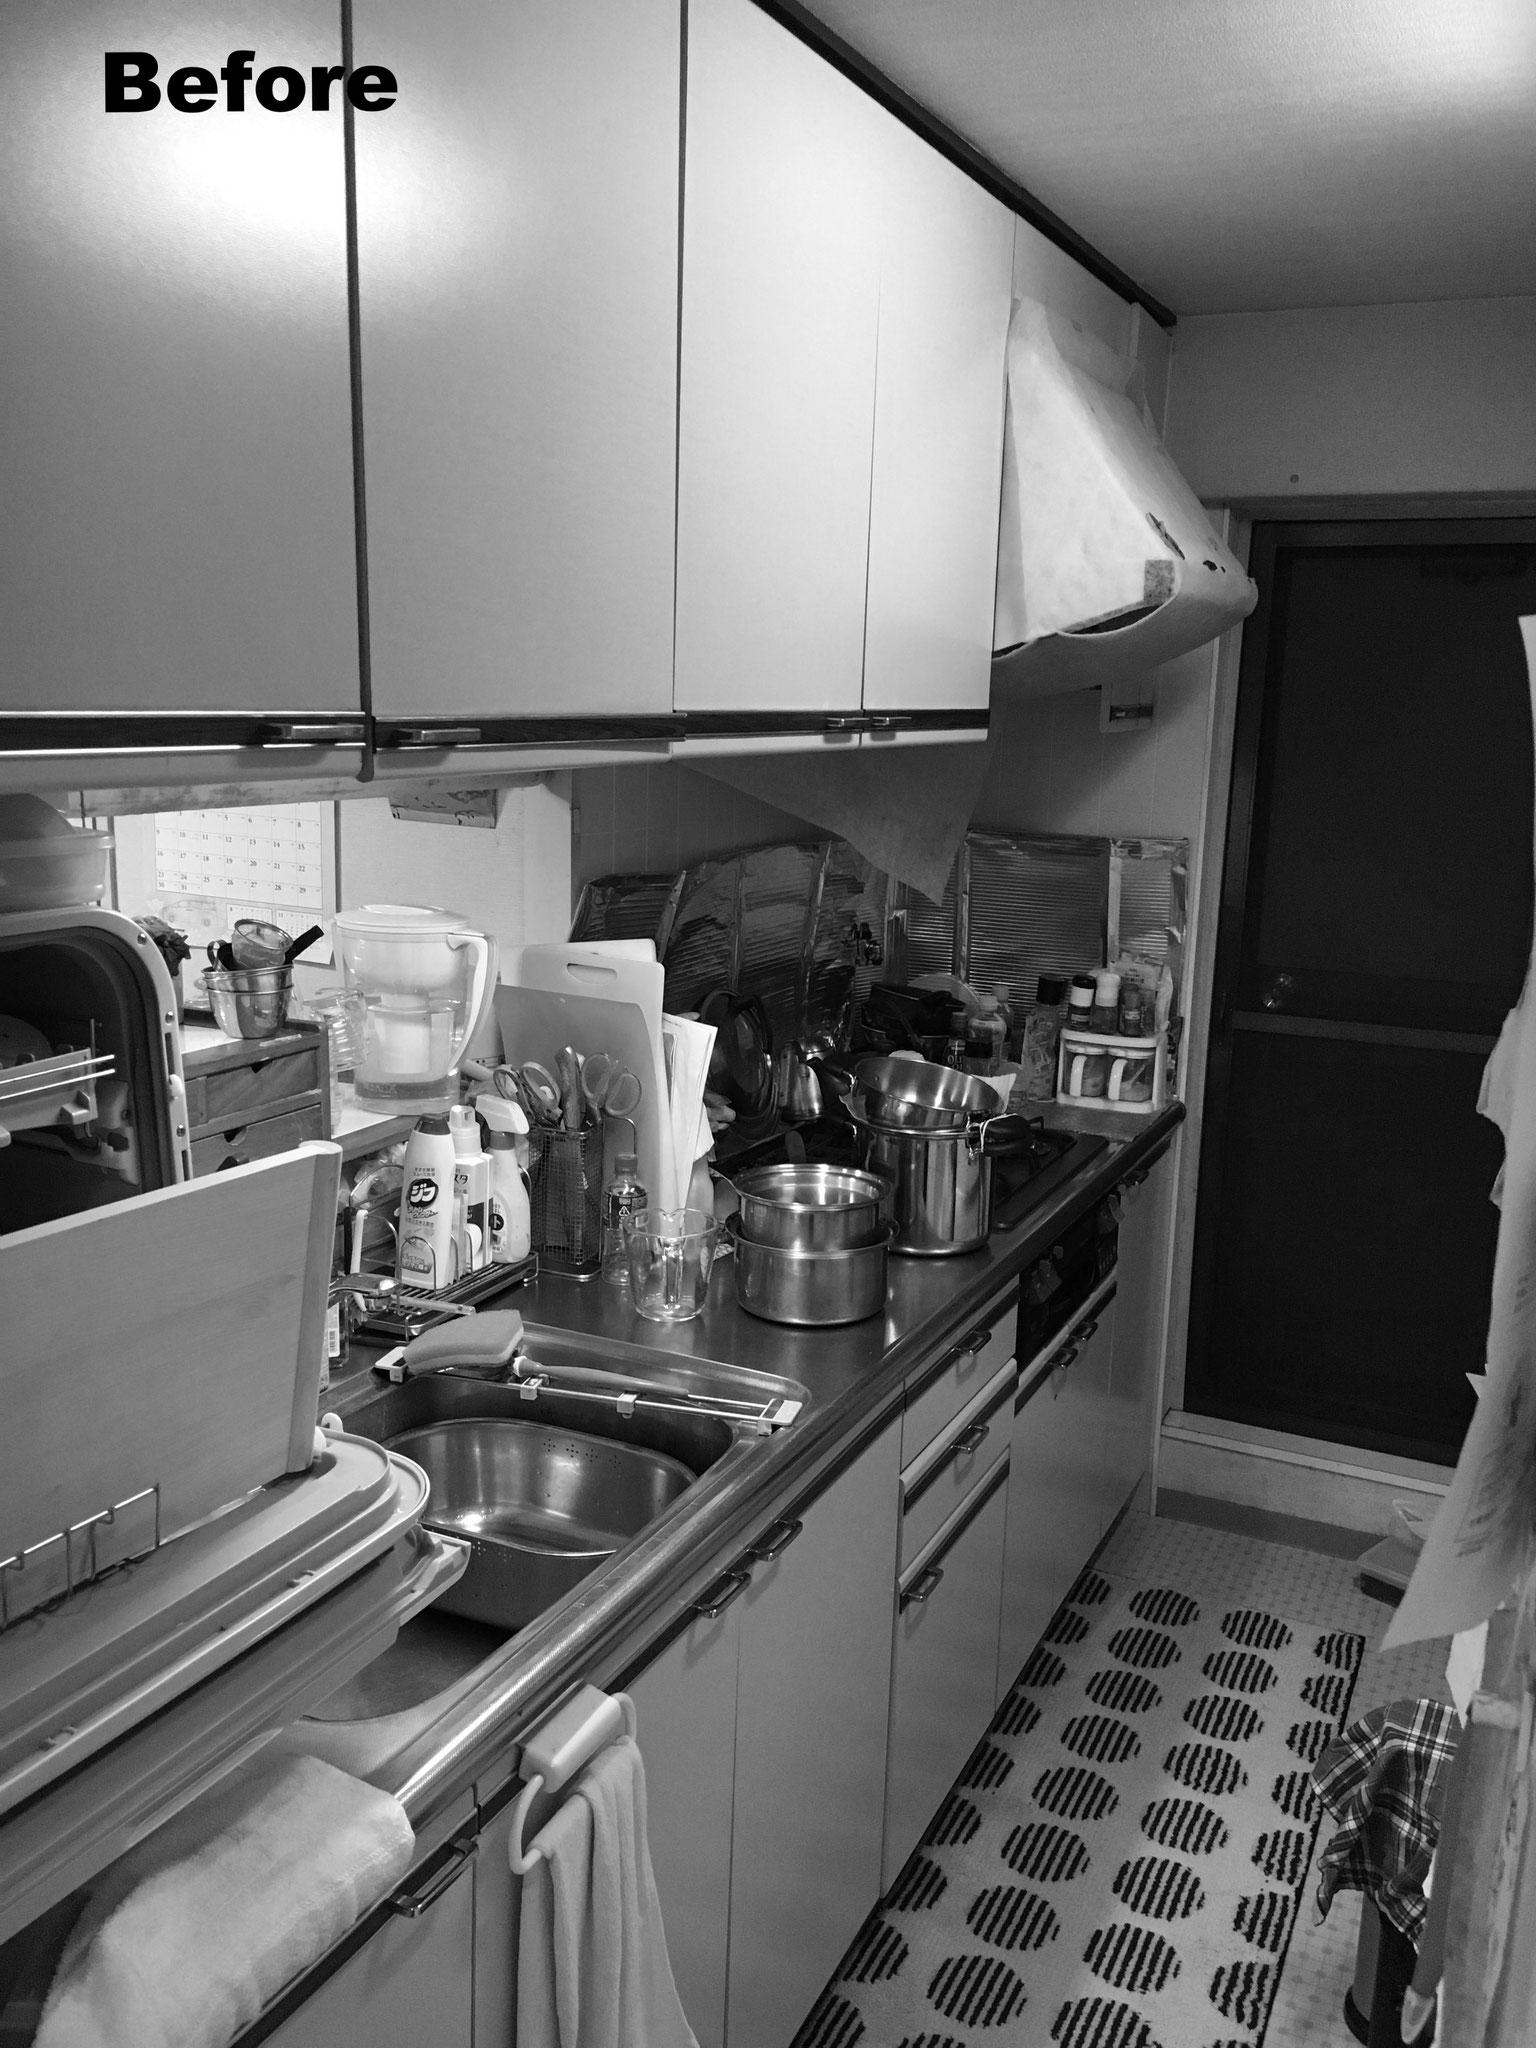 収納しづらかった以前のキッチン